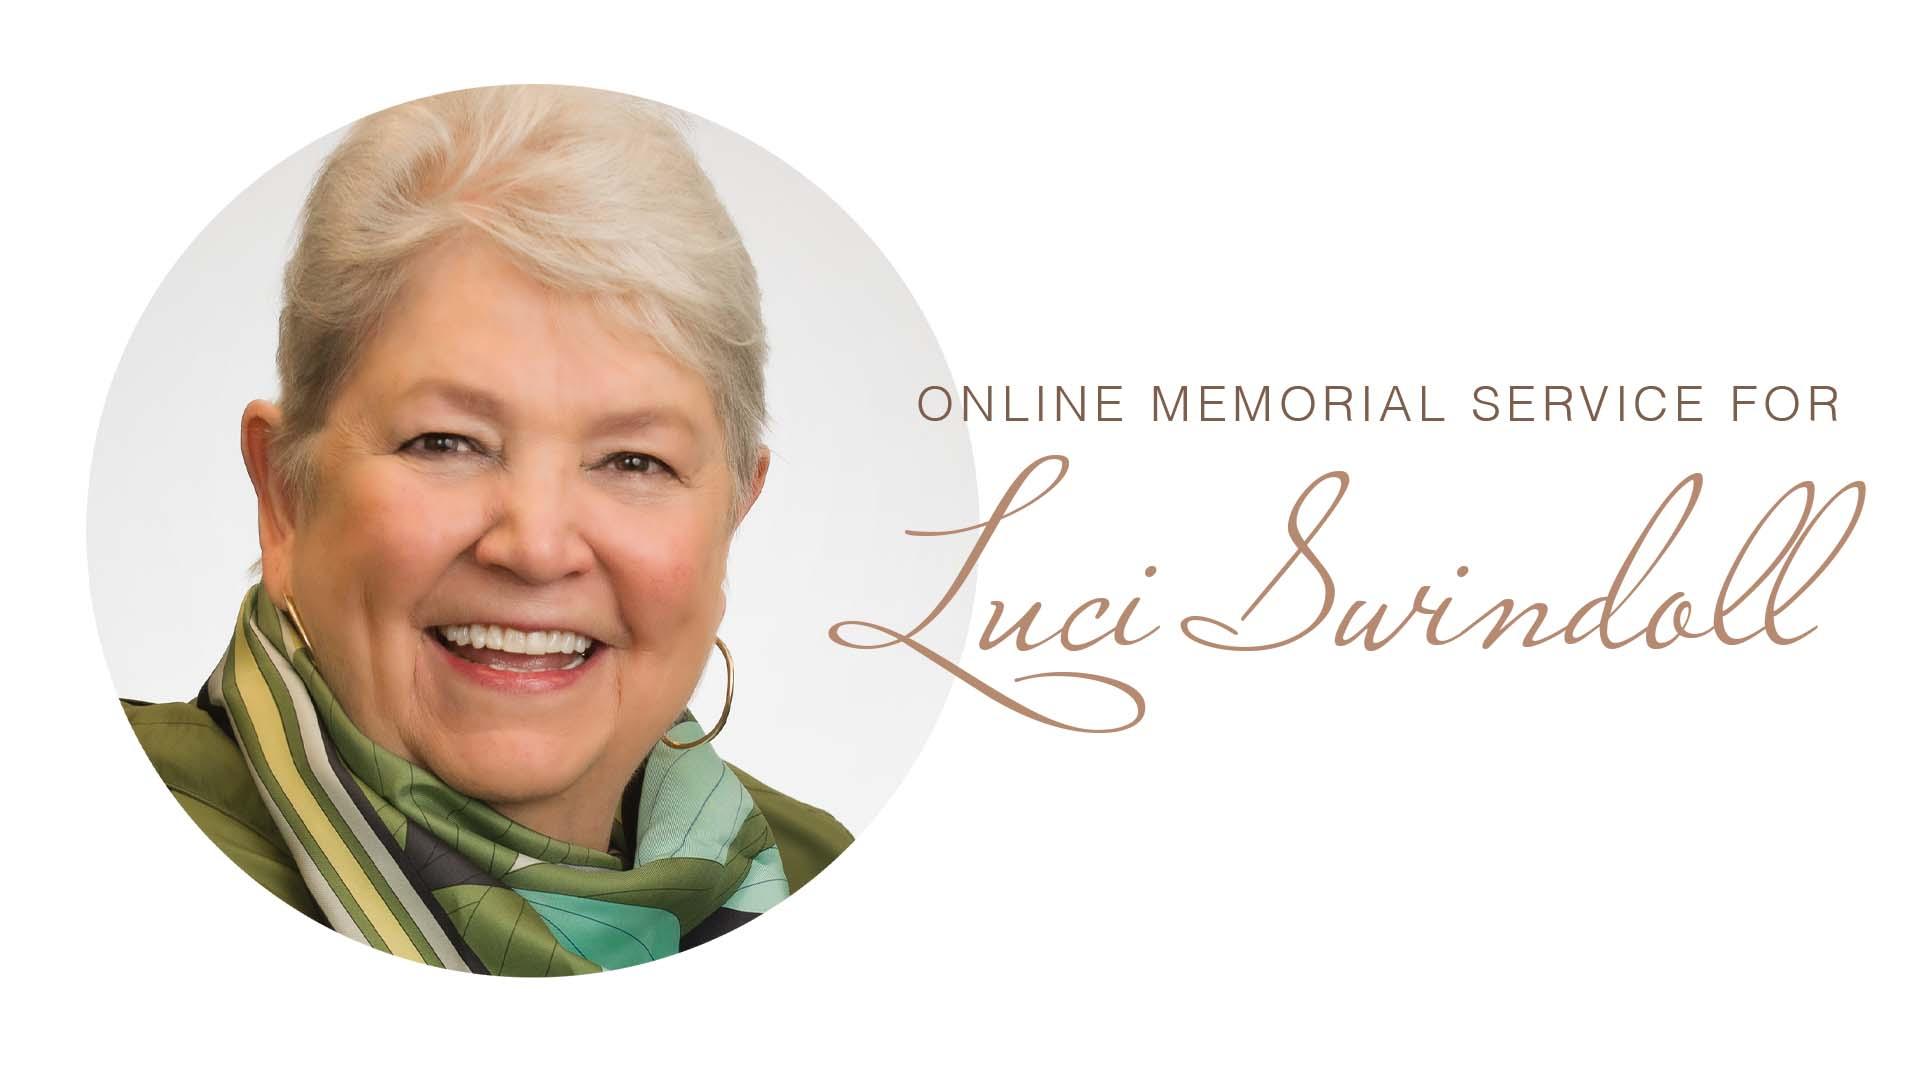 Luci Swindoll Memorial Service